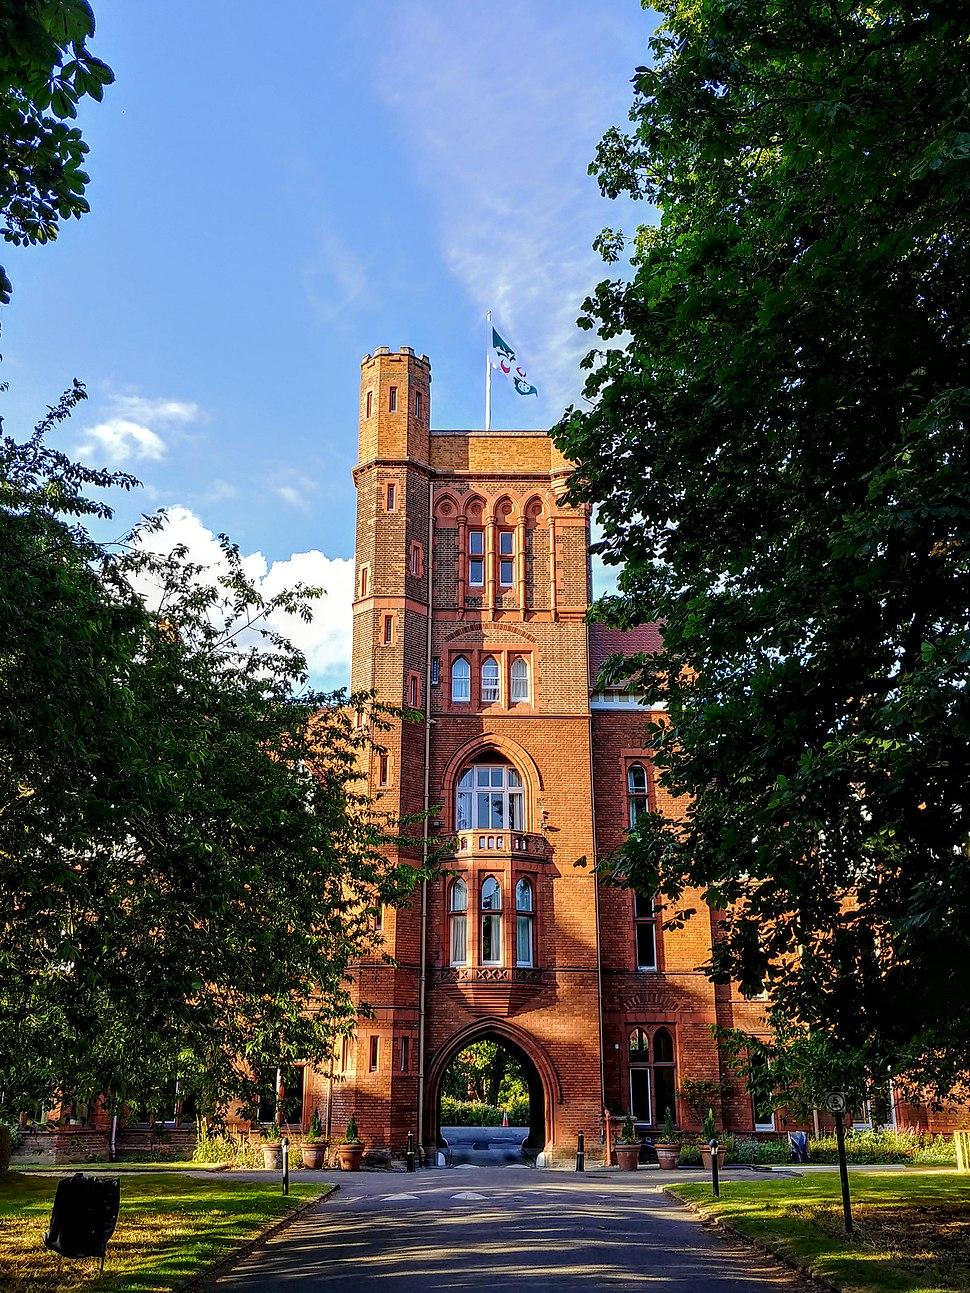 Cambridge - Girton College Main Gate - June 2018